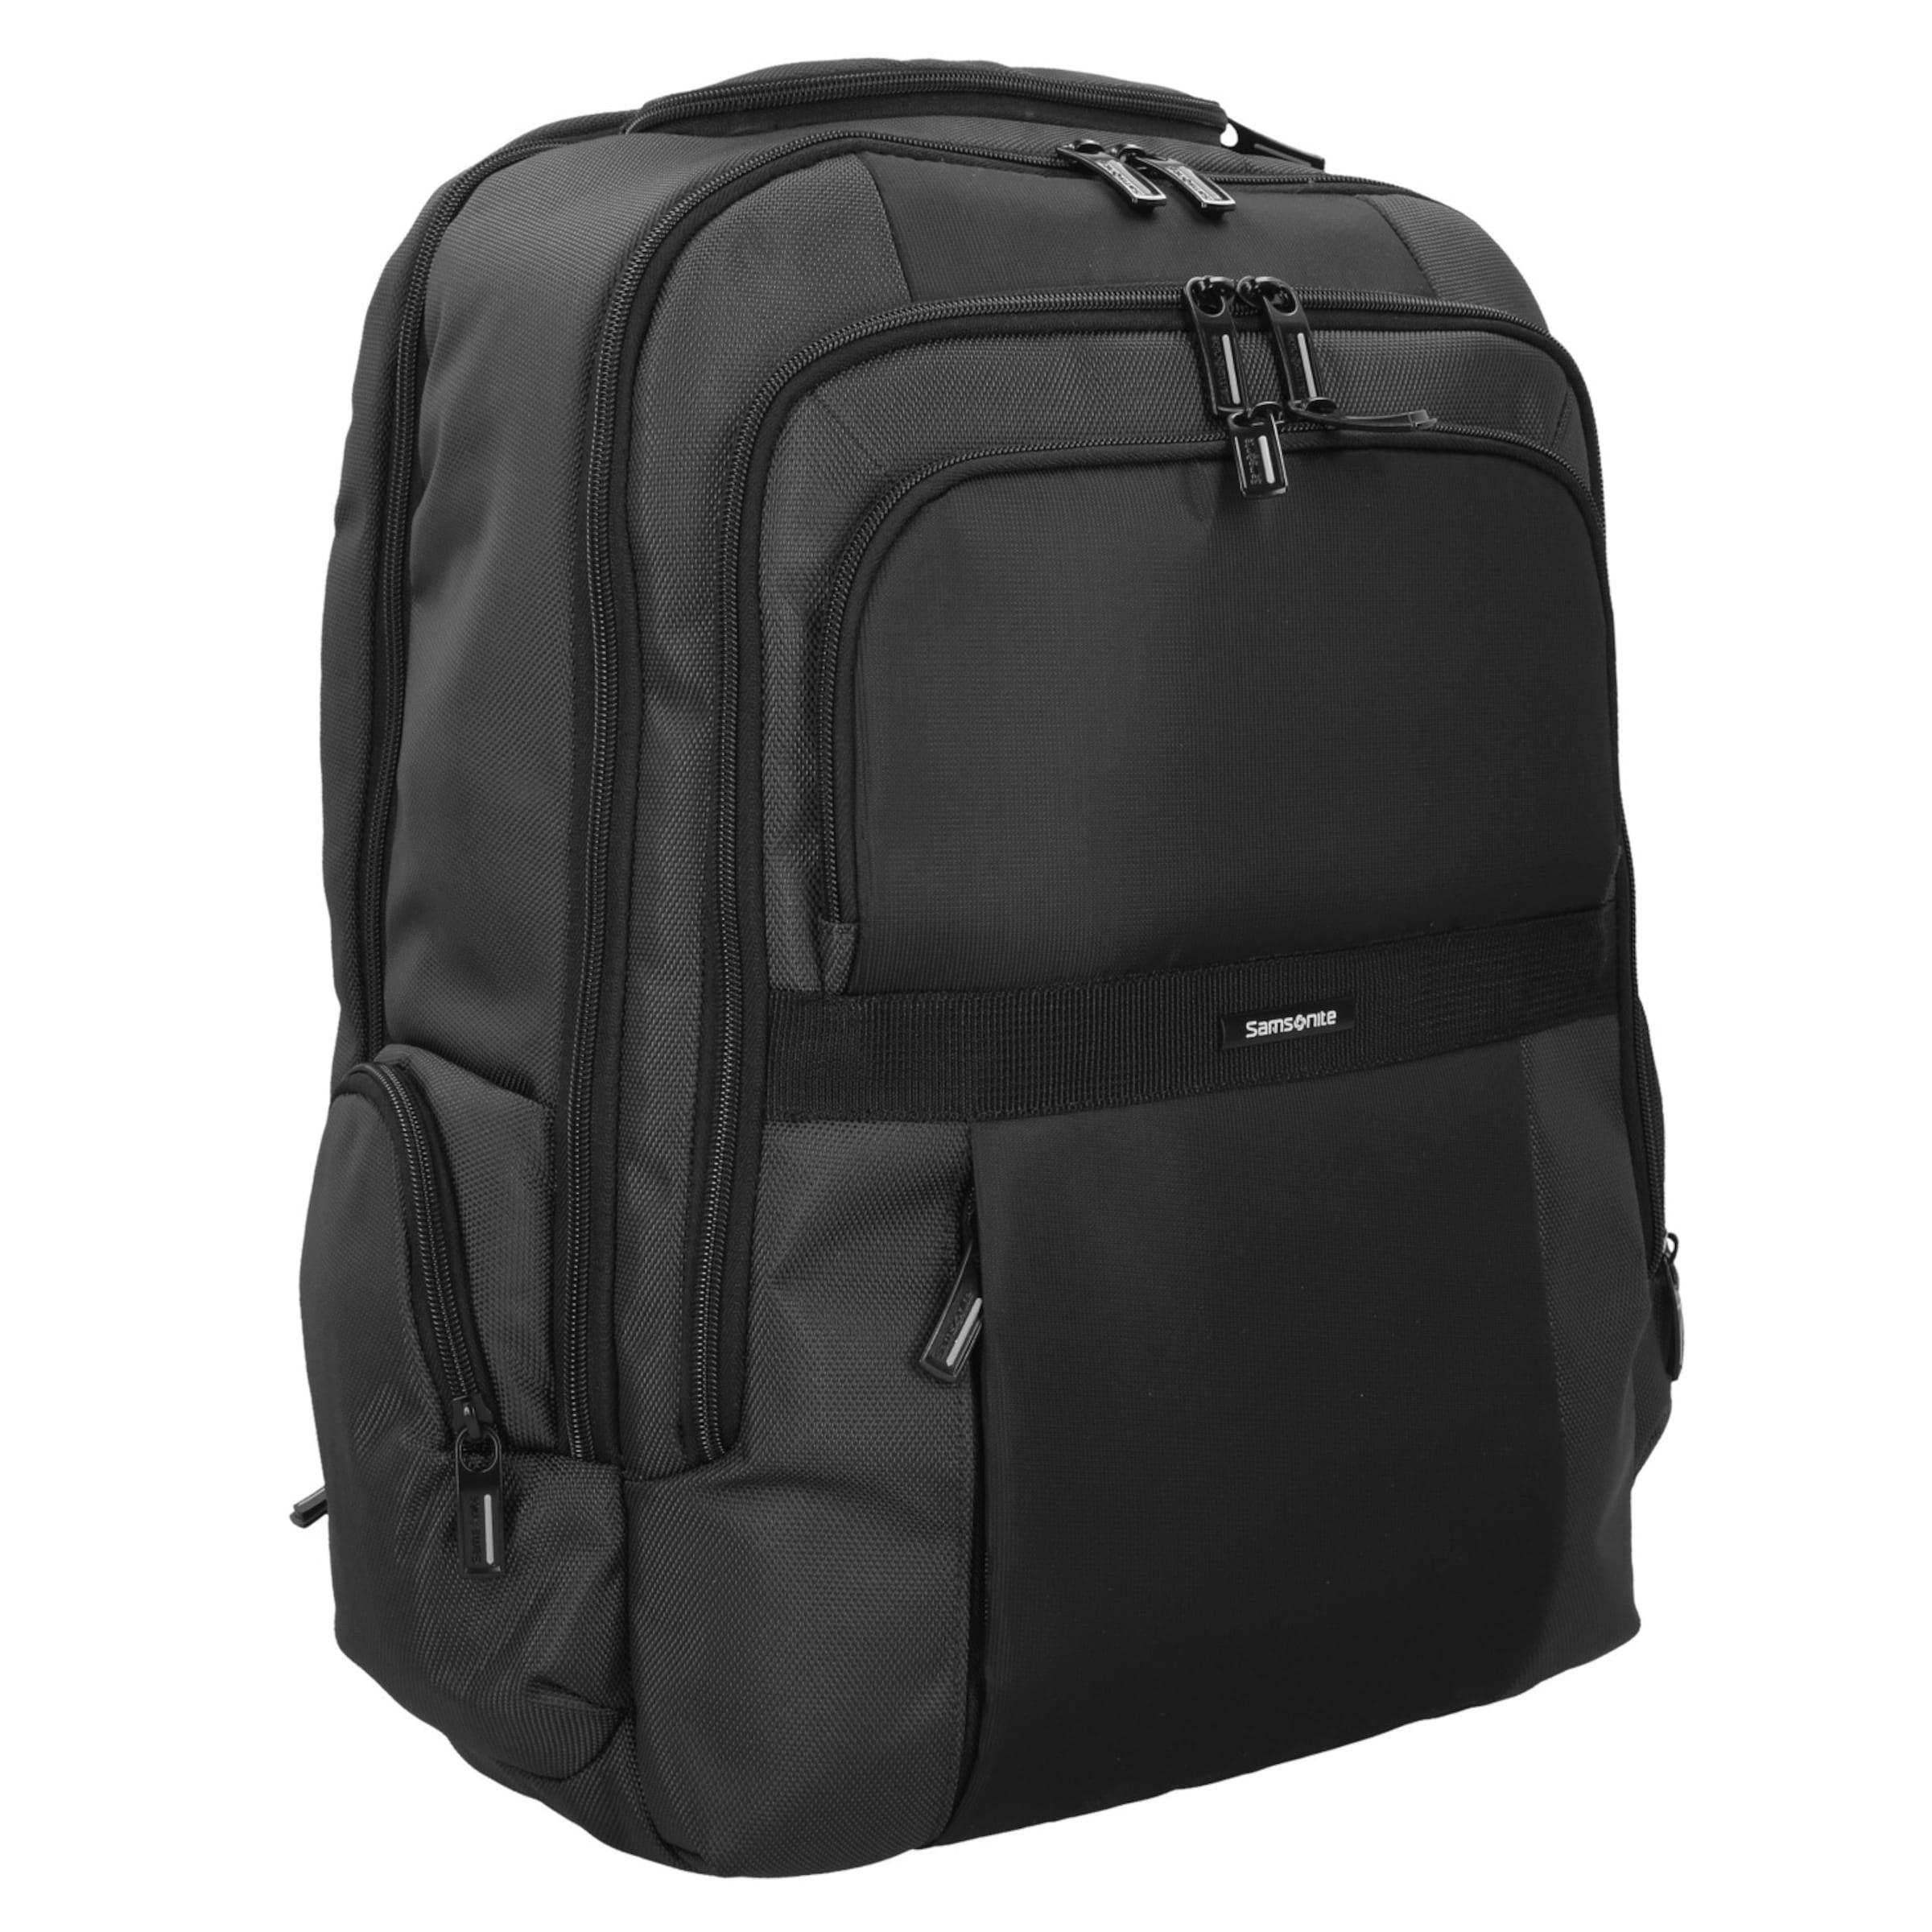 Besuchen Neue Günstig Online SAMSONITE Infinipak Business Rucksack 47 cm Laptopfach Spielraum Klassisch Kostenloser Versand Zu Kaufen Preise Im Netz 100% Ig Garantiert Günstig Online BsNwZa